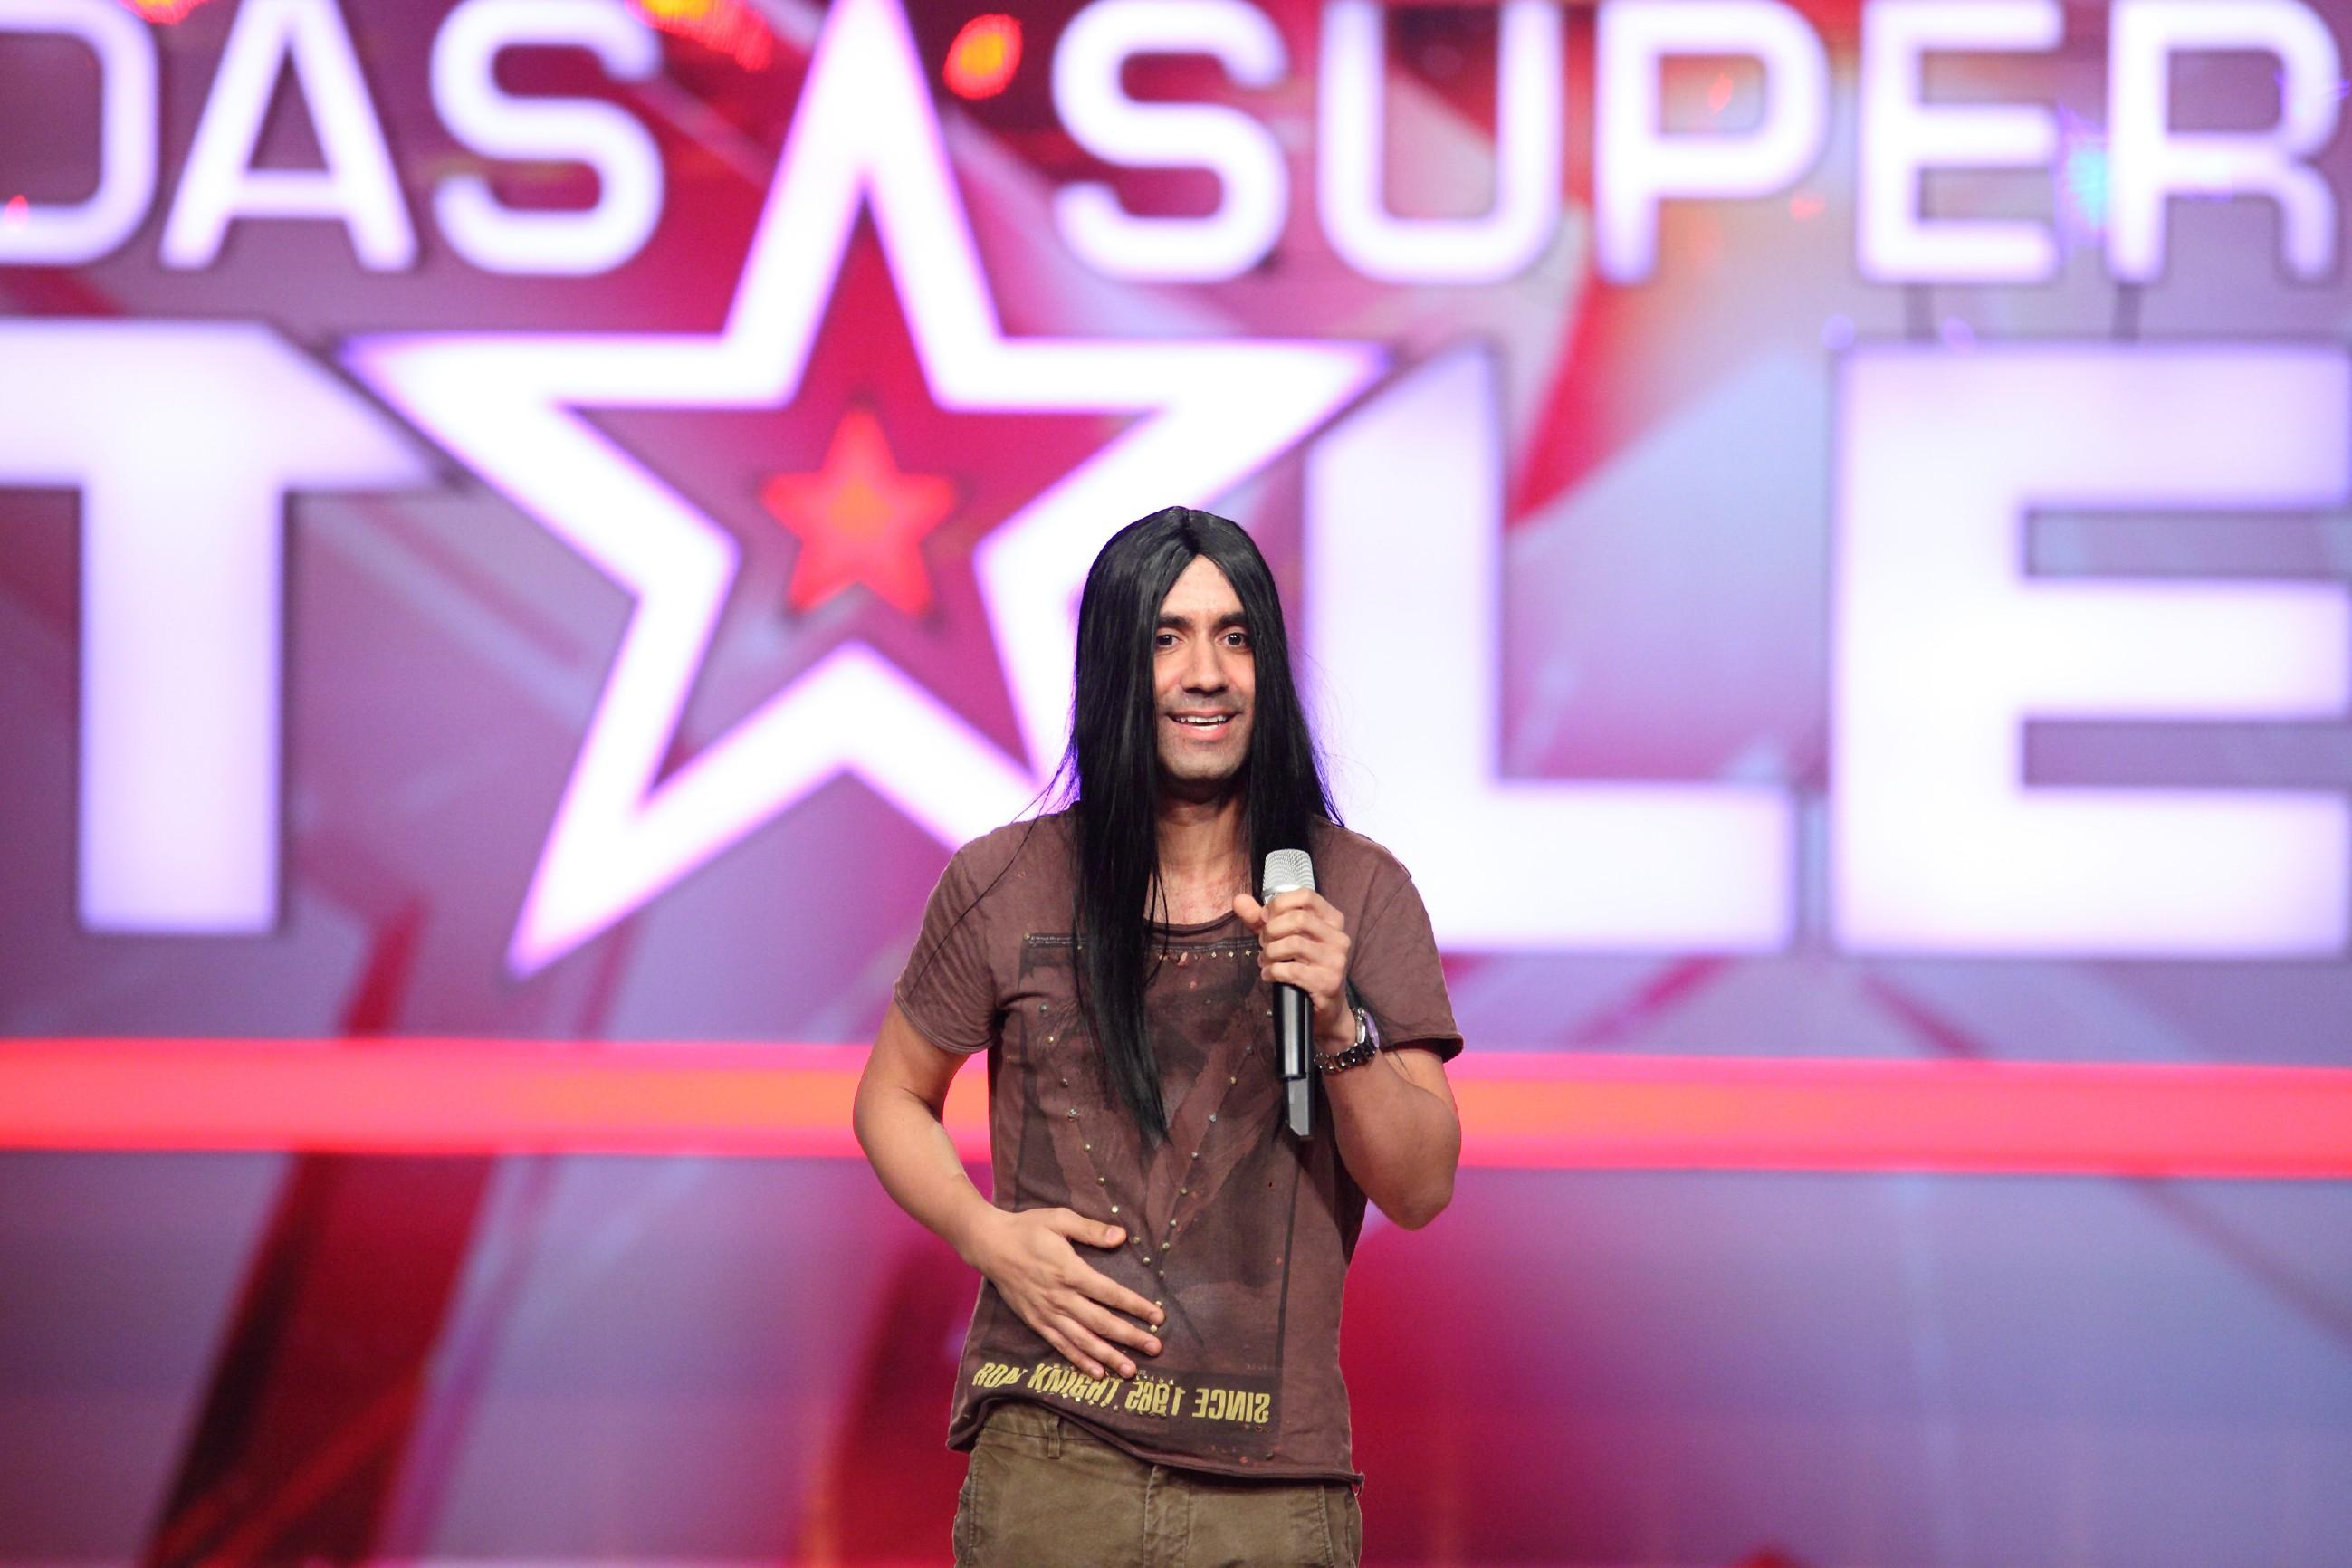 Das Supertalent 2015 Show 5 - Fabian Khajouei